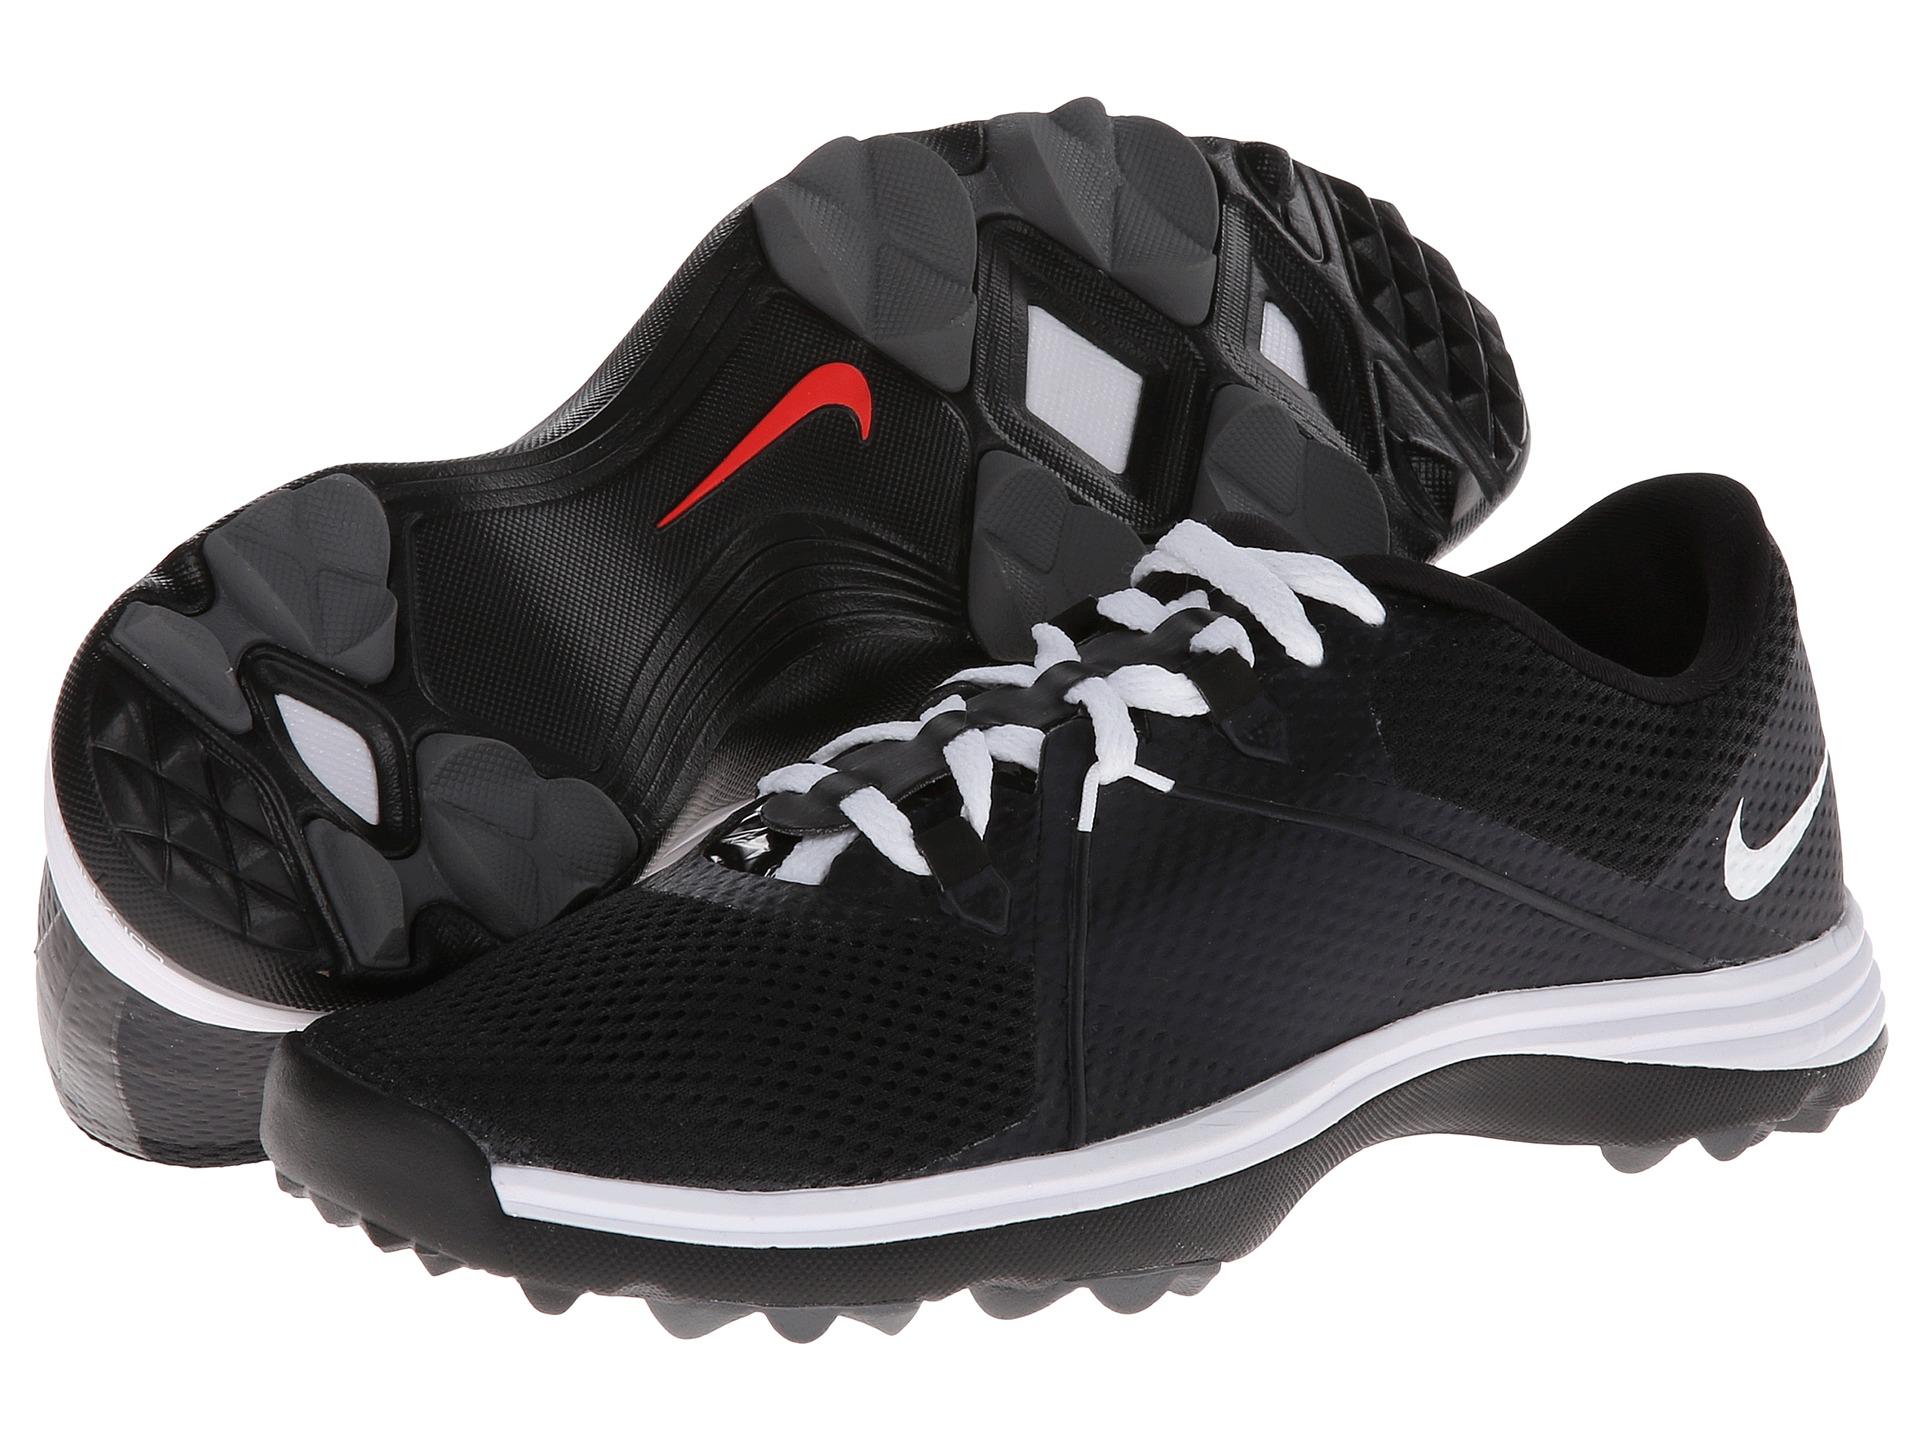 new concept bdb27 d9818 ... Shoes  Nike Golf Lunar Summer Lite at 6pm.com . ...